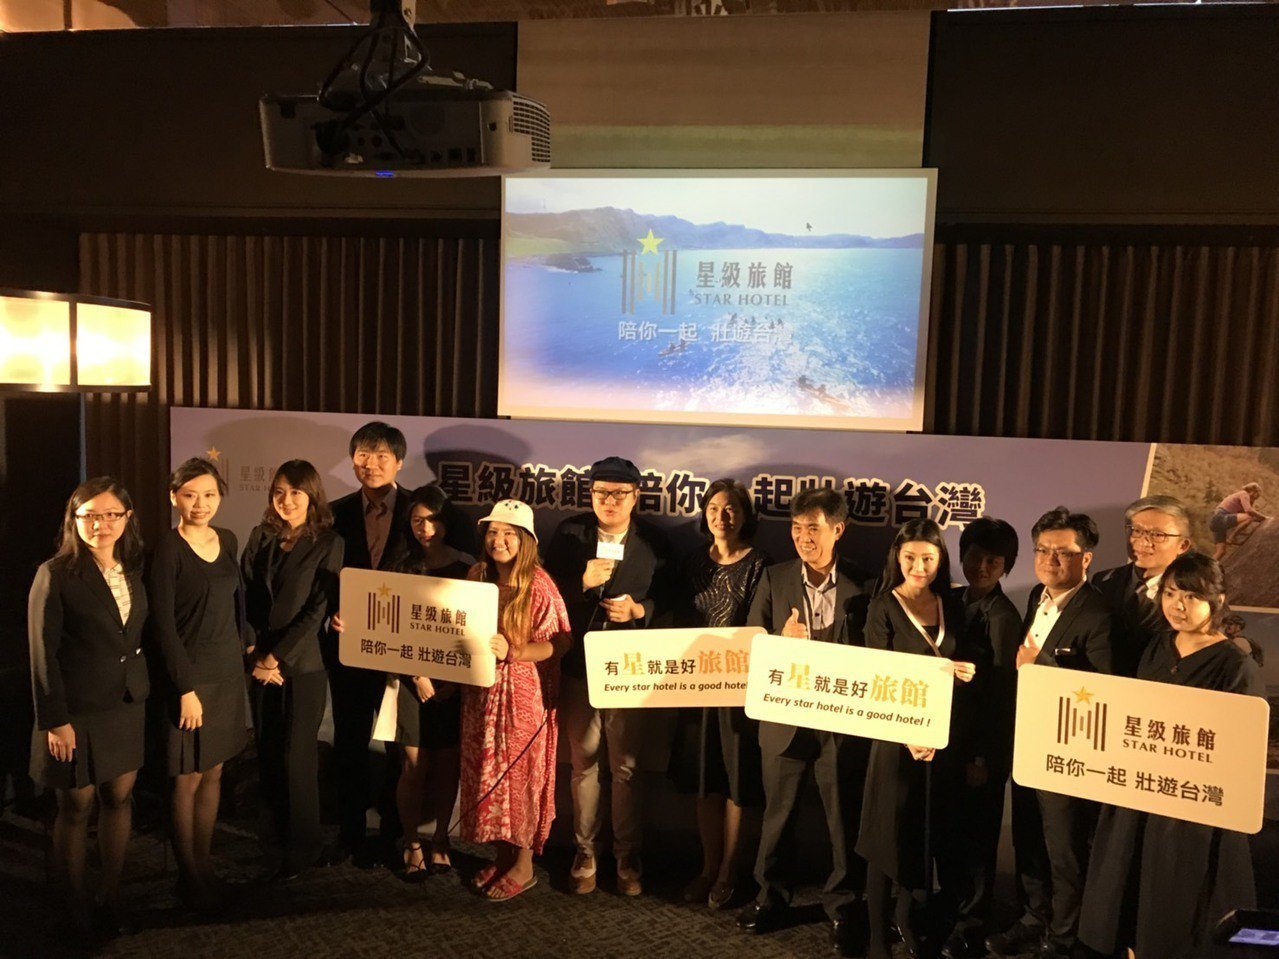 交通部觀光局今舉辦記者會,鼓勵旅客入住星級旅館壯遊台灣。圖/交通部觀光局提供